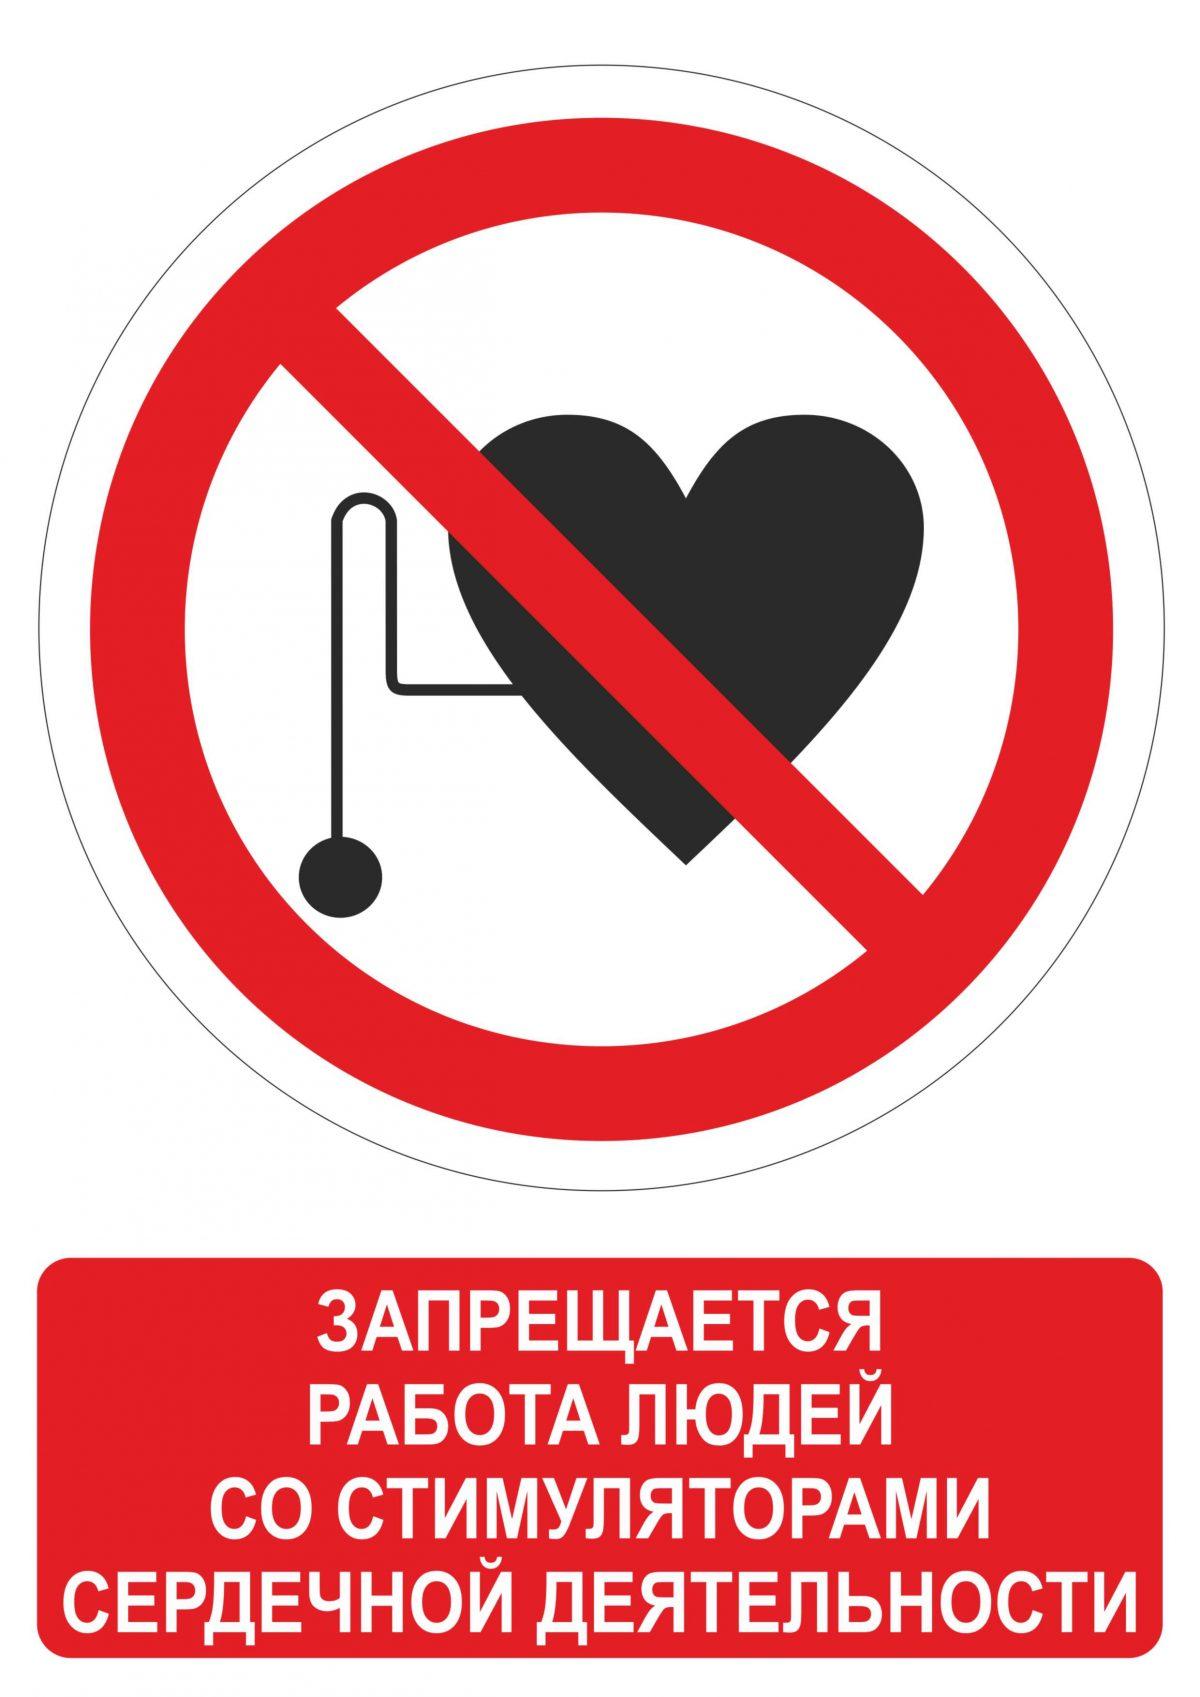 Знак запрещающий работу людей со стимуляторами сердечной деятельности скачать